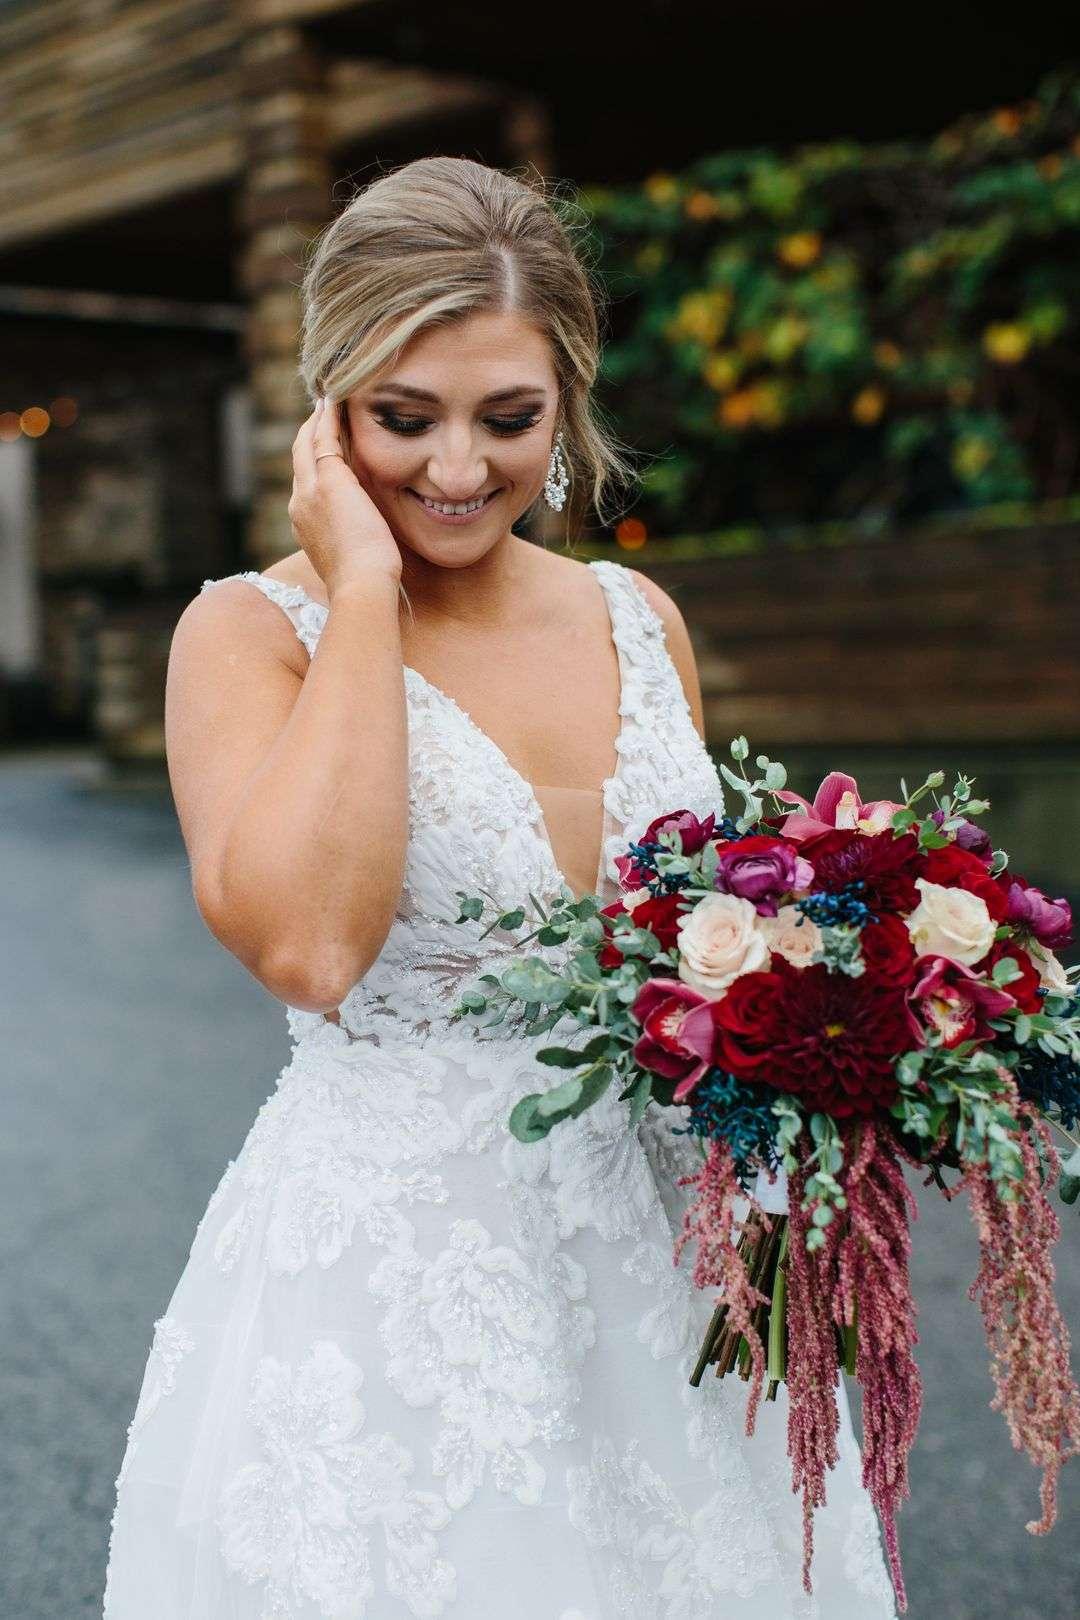 a-line wedding dress bridal portrait with bridal bouquet